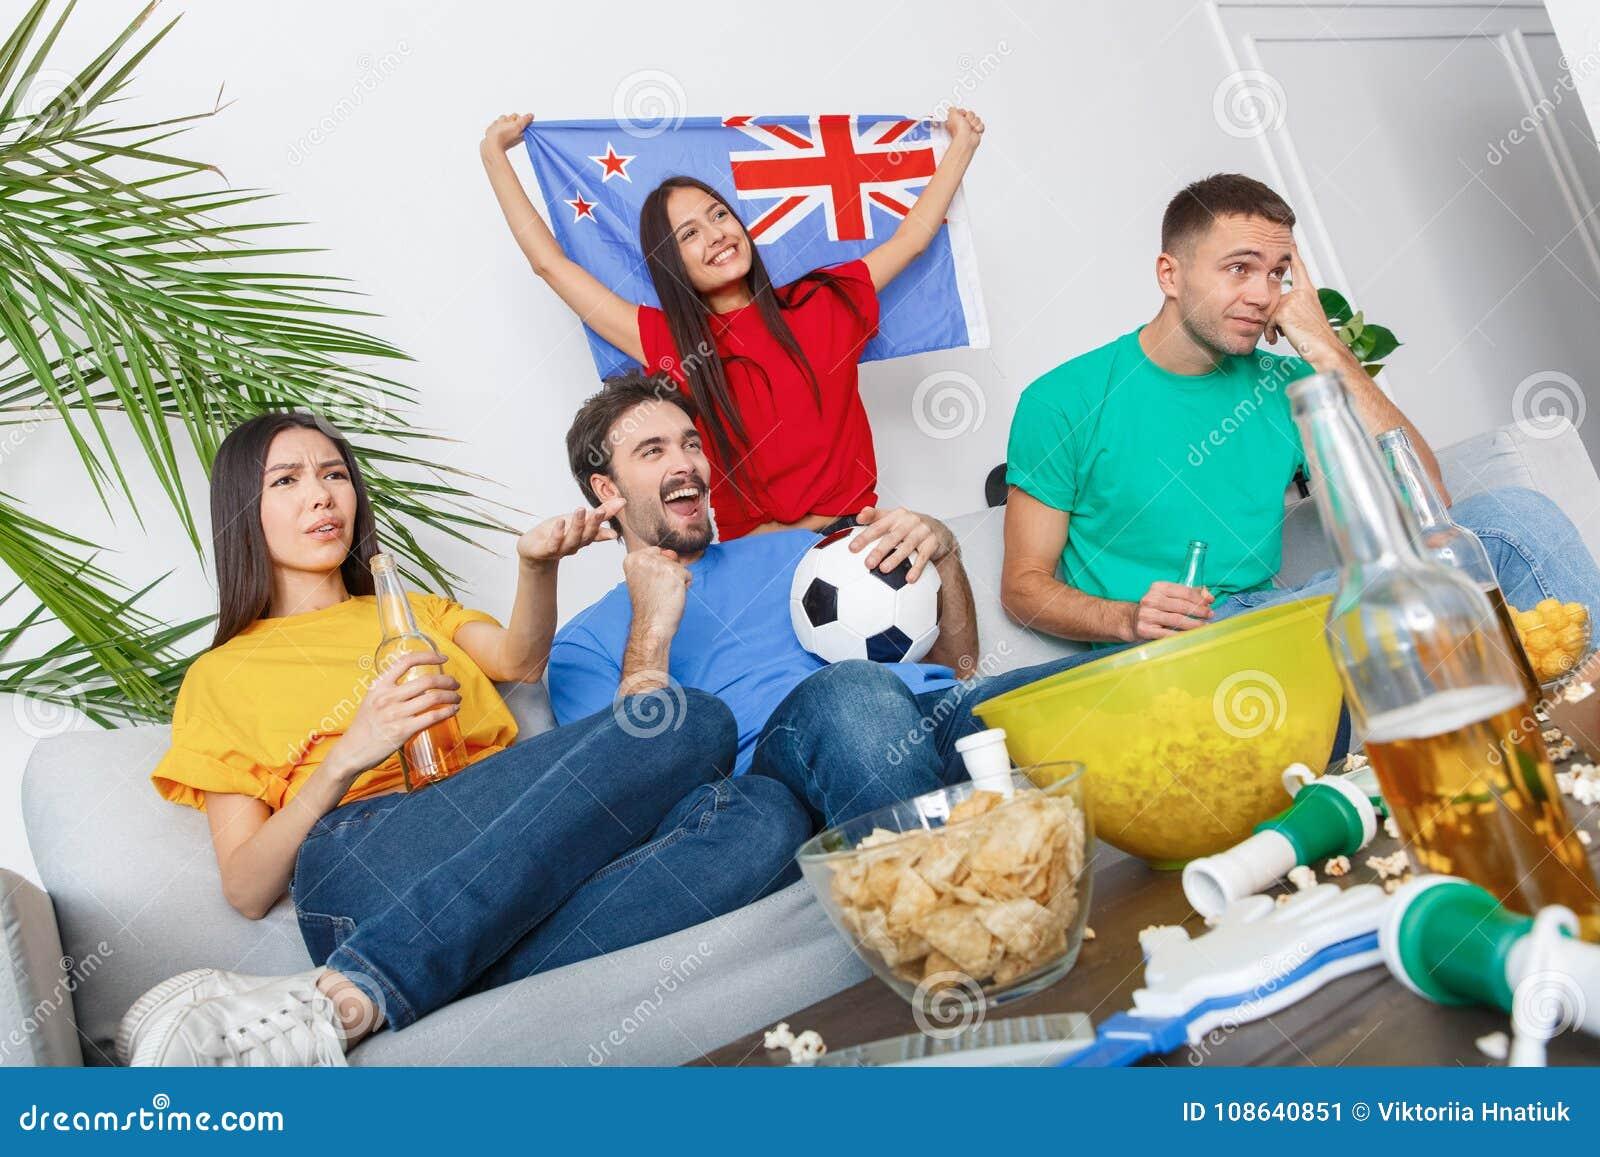 Grupp av vänsportfans som håller ögonen på matchen i angångna färgrika skjortor